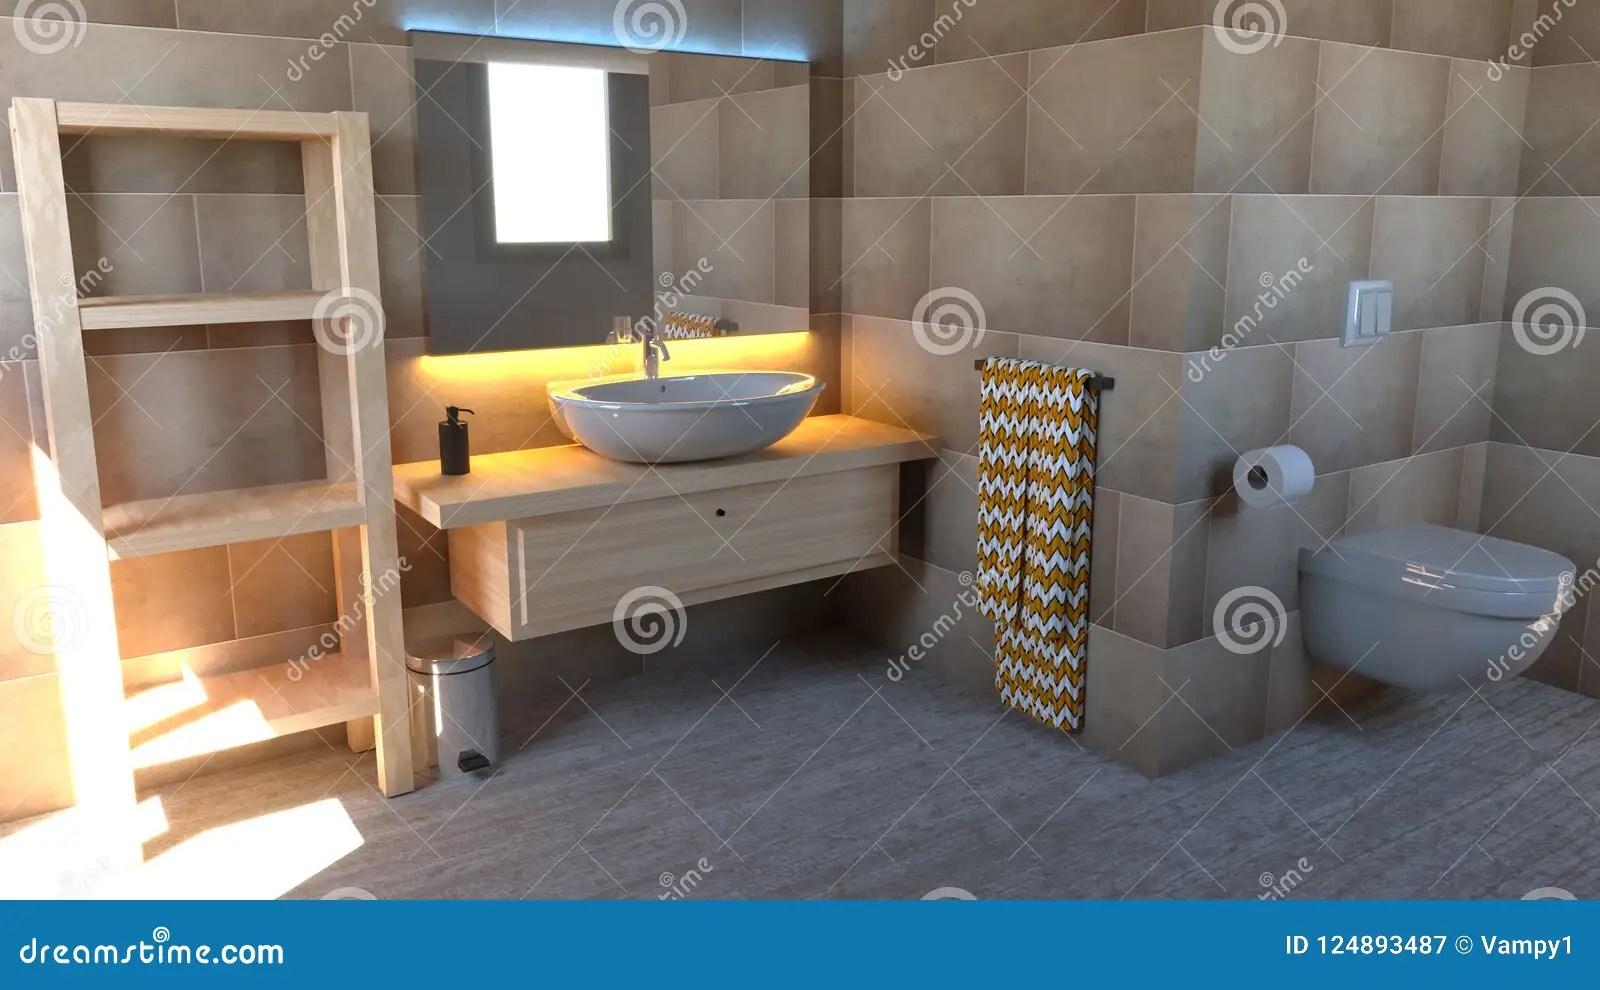 Baños Modernos Luces | Cabeceras Con Repisas Dvd Decoracion Imagenes ...